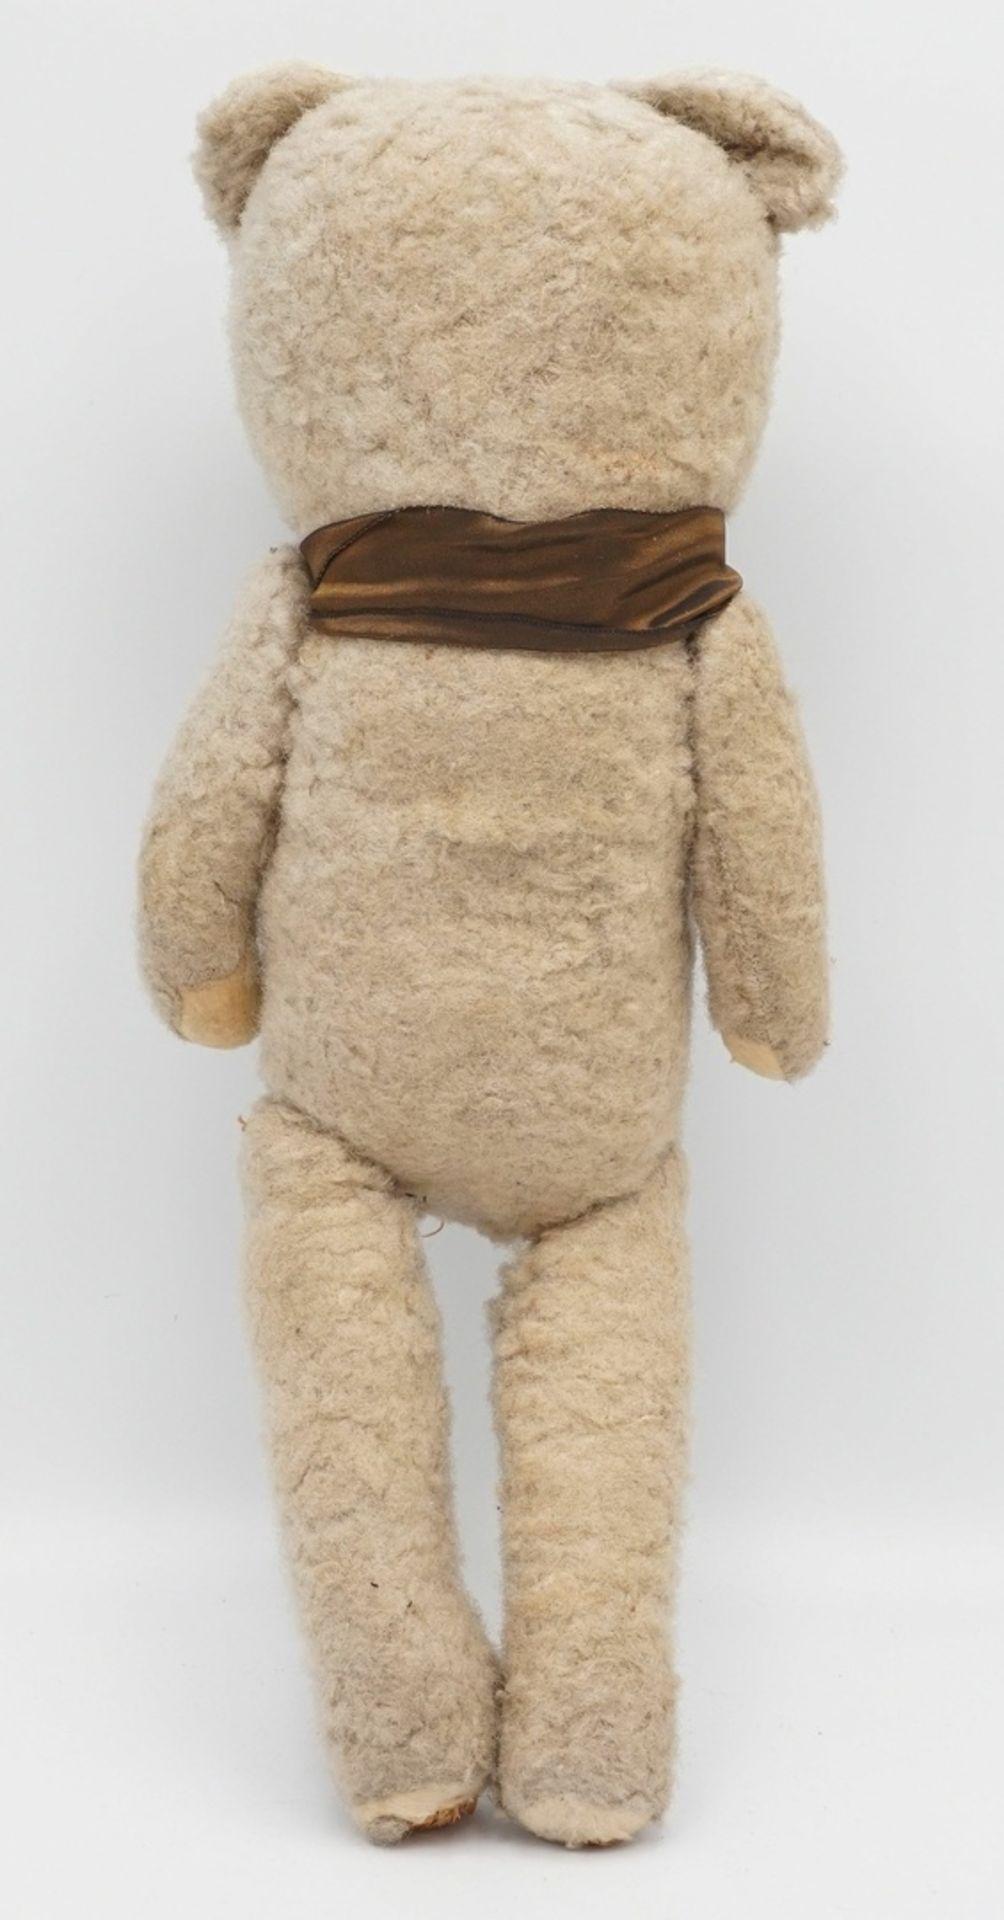 Teddybär mit Schleife, Mitte 20. Jh. - Bild 2 aus 2